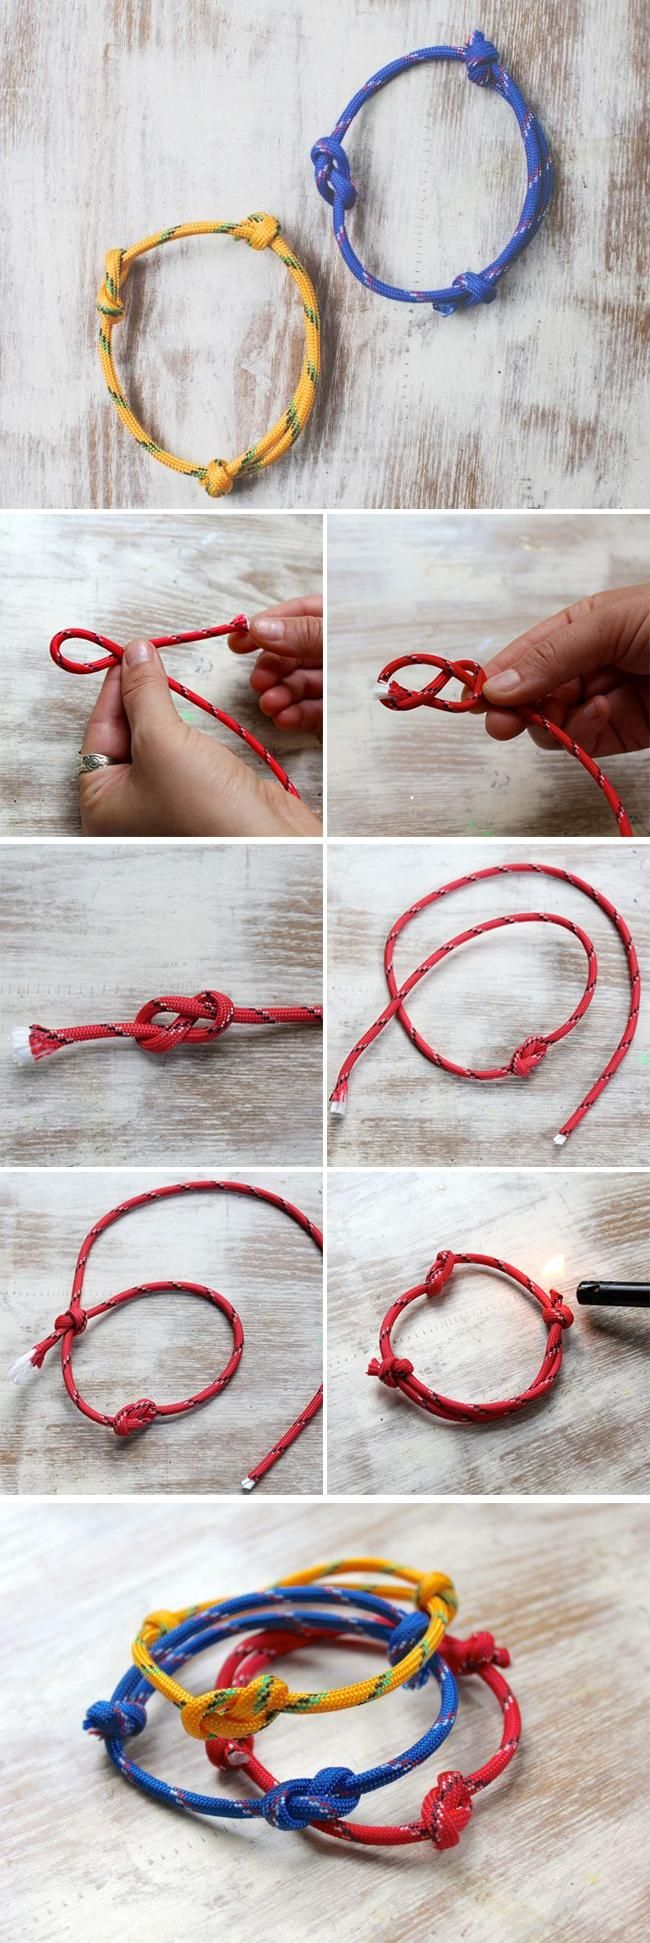 infinity knot bracelet